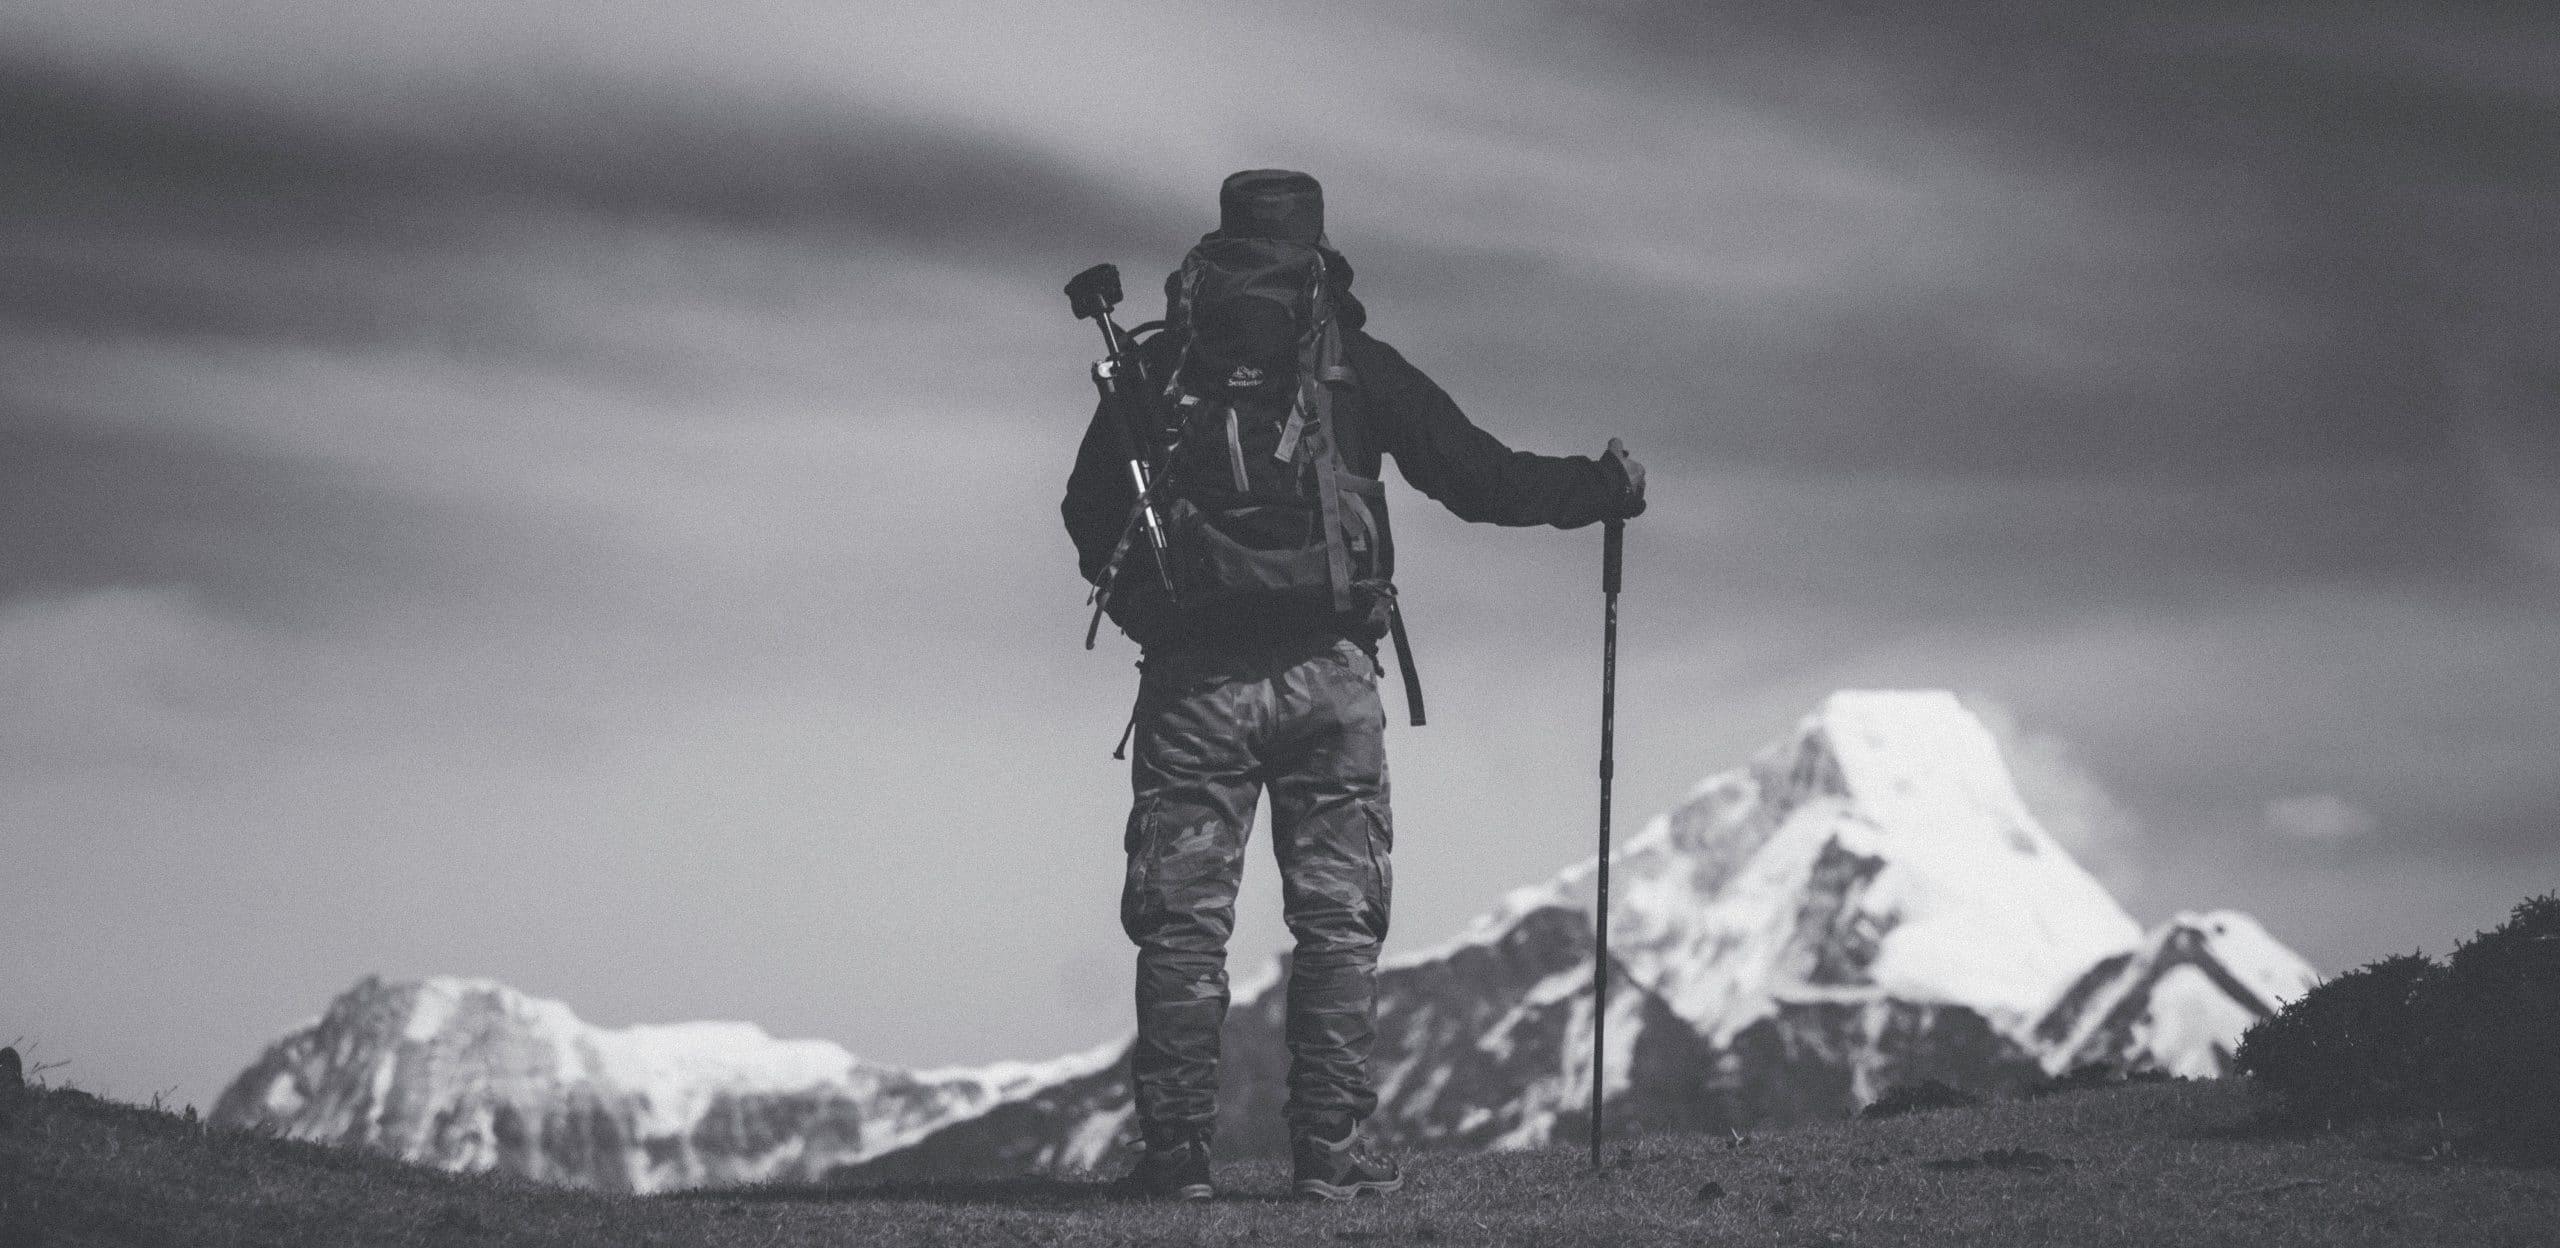 Matériel de survie Randonnée GPS Orientation Découverte